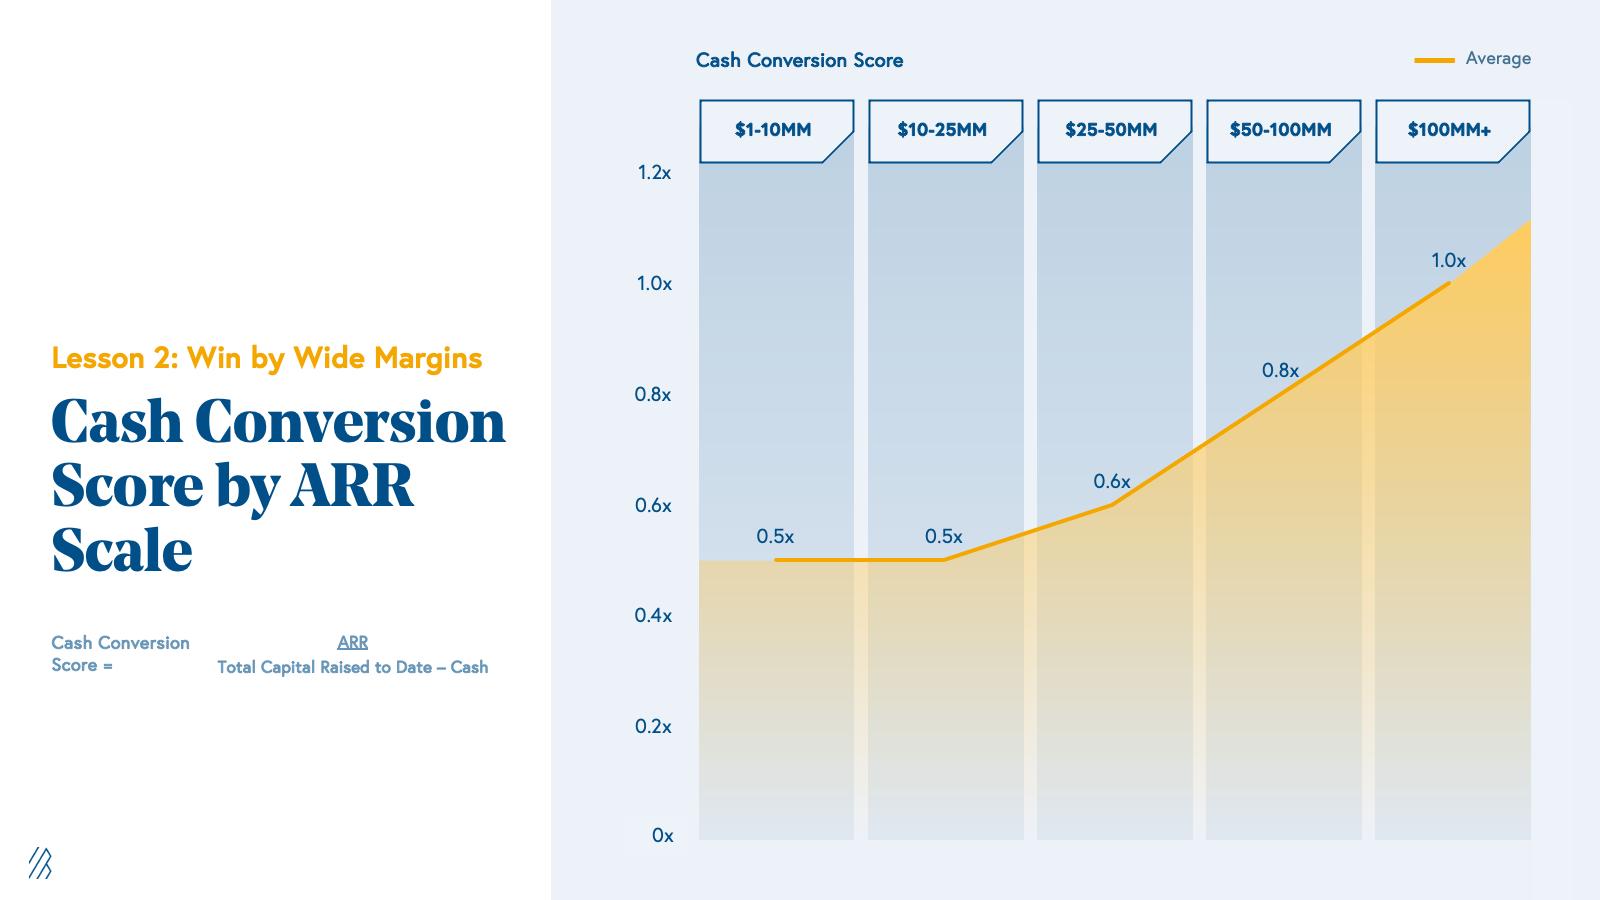 Cash Conversion Score by ARR Scale Chart